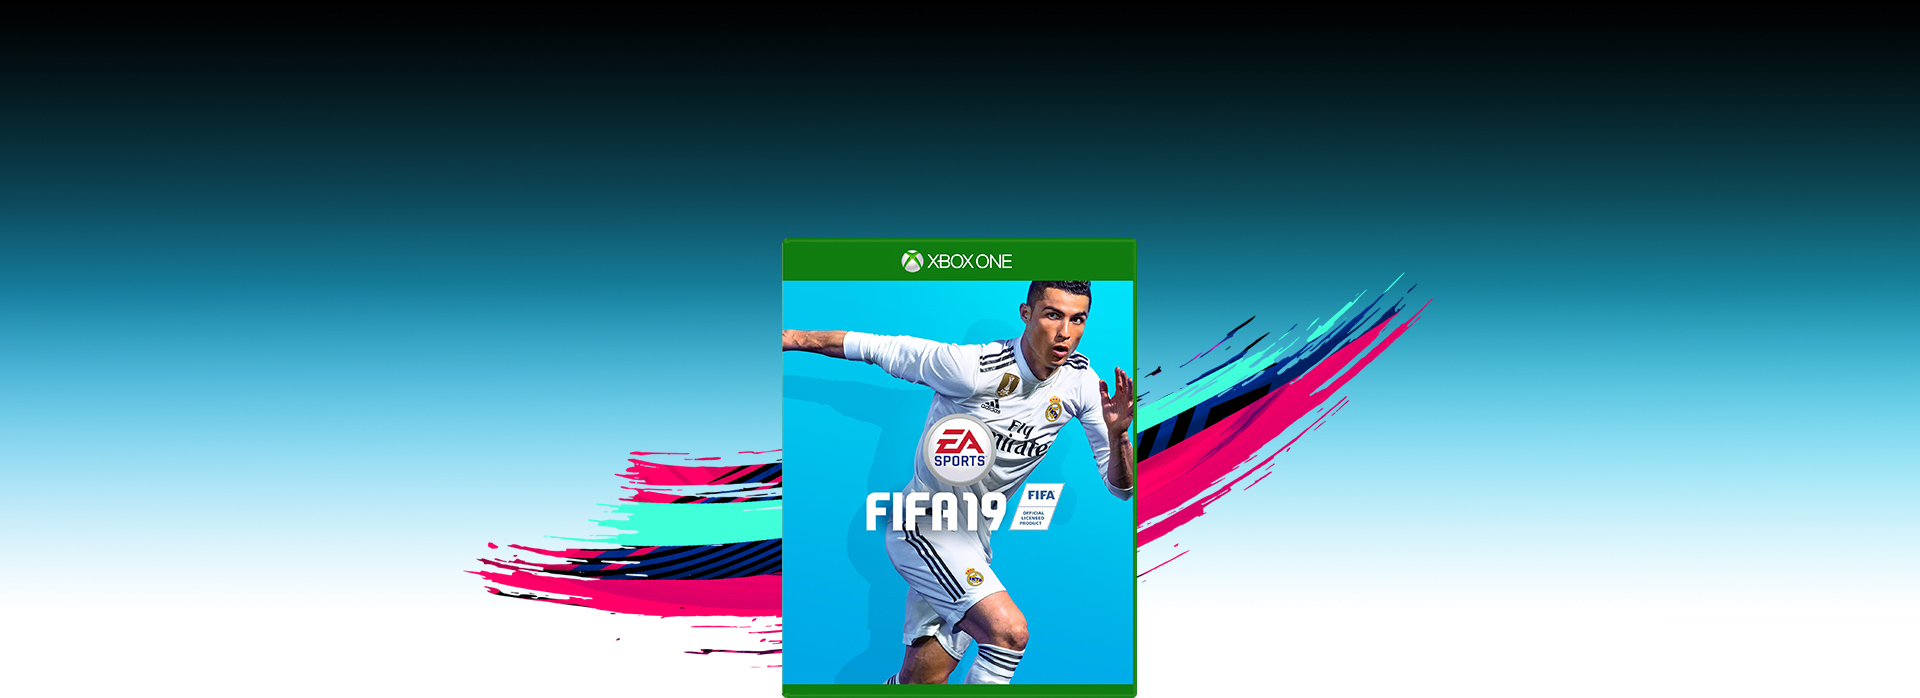 FIFA19 外包裝圖